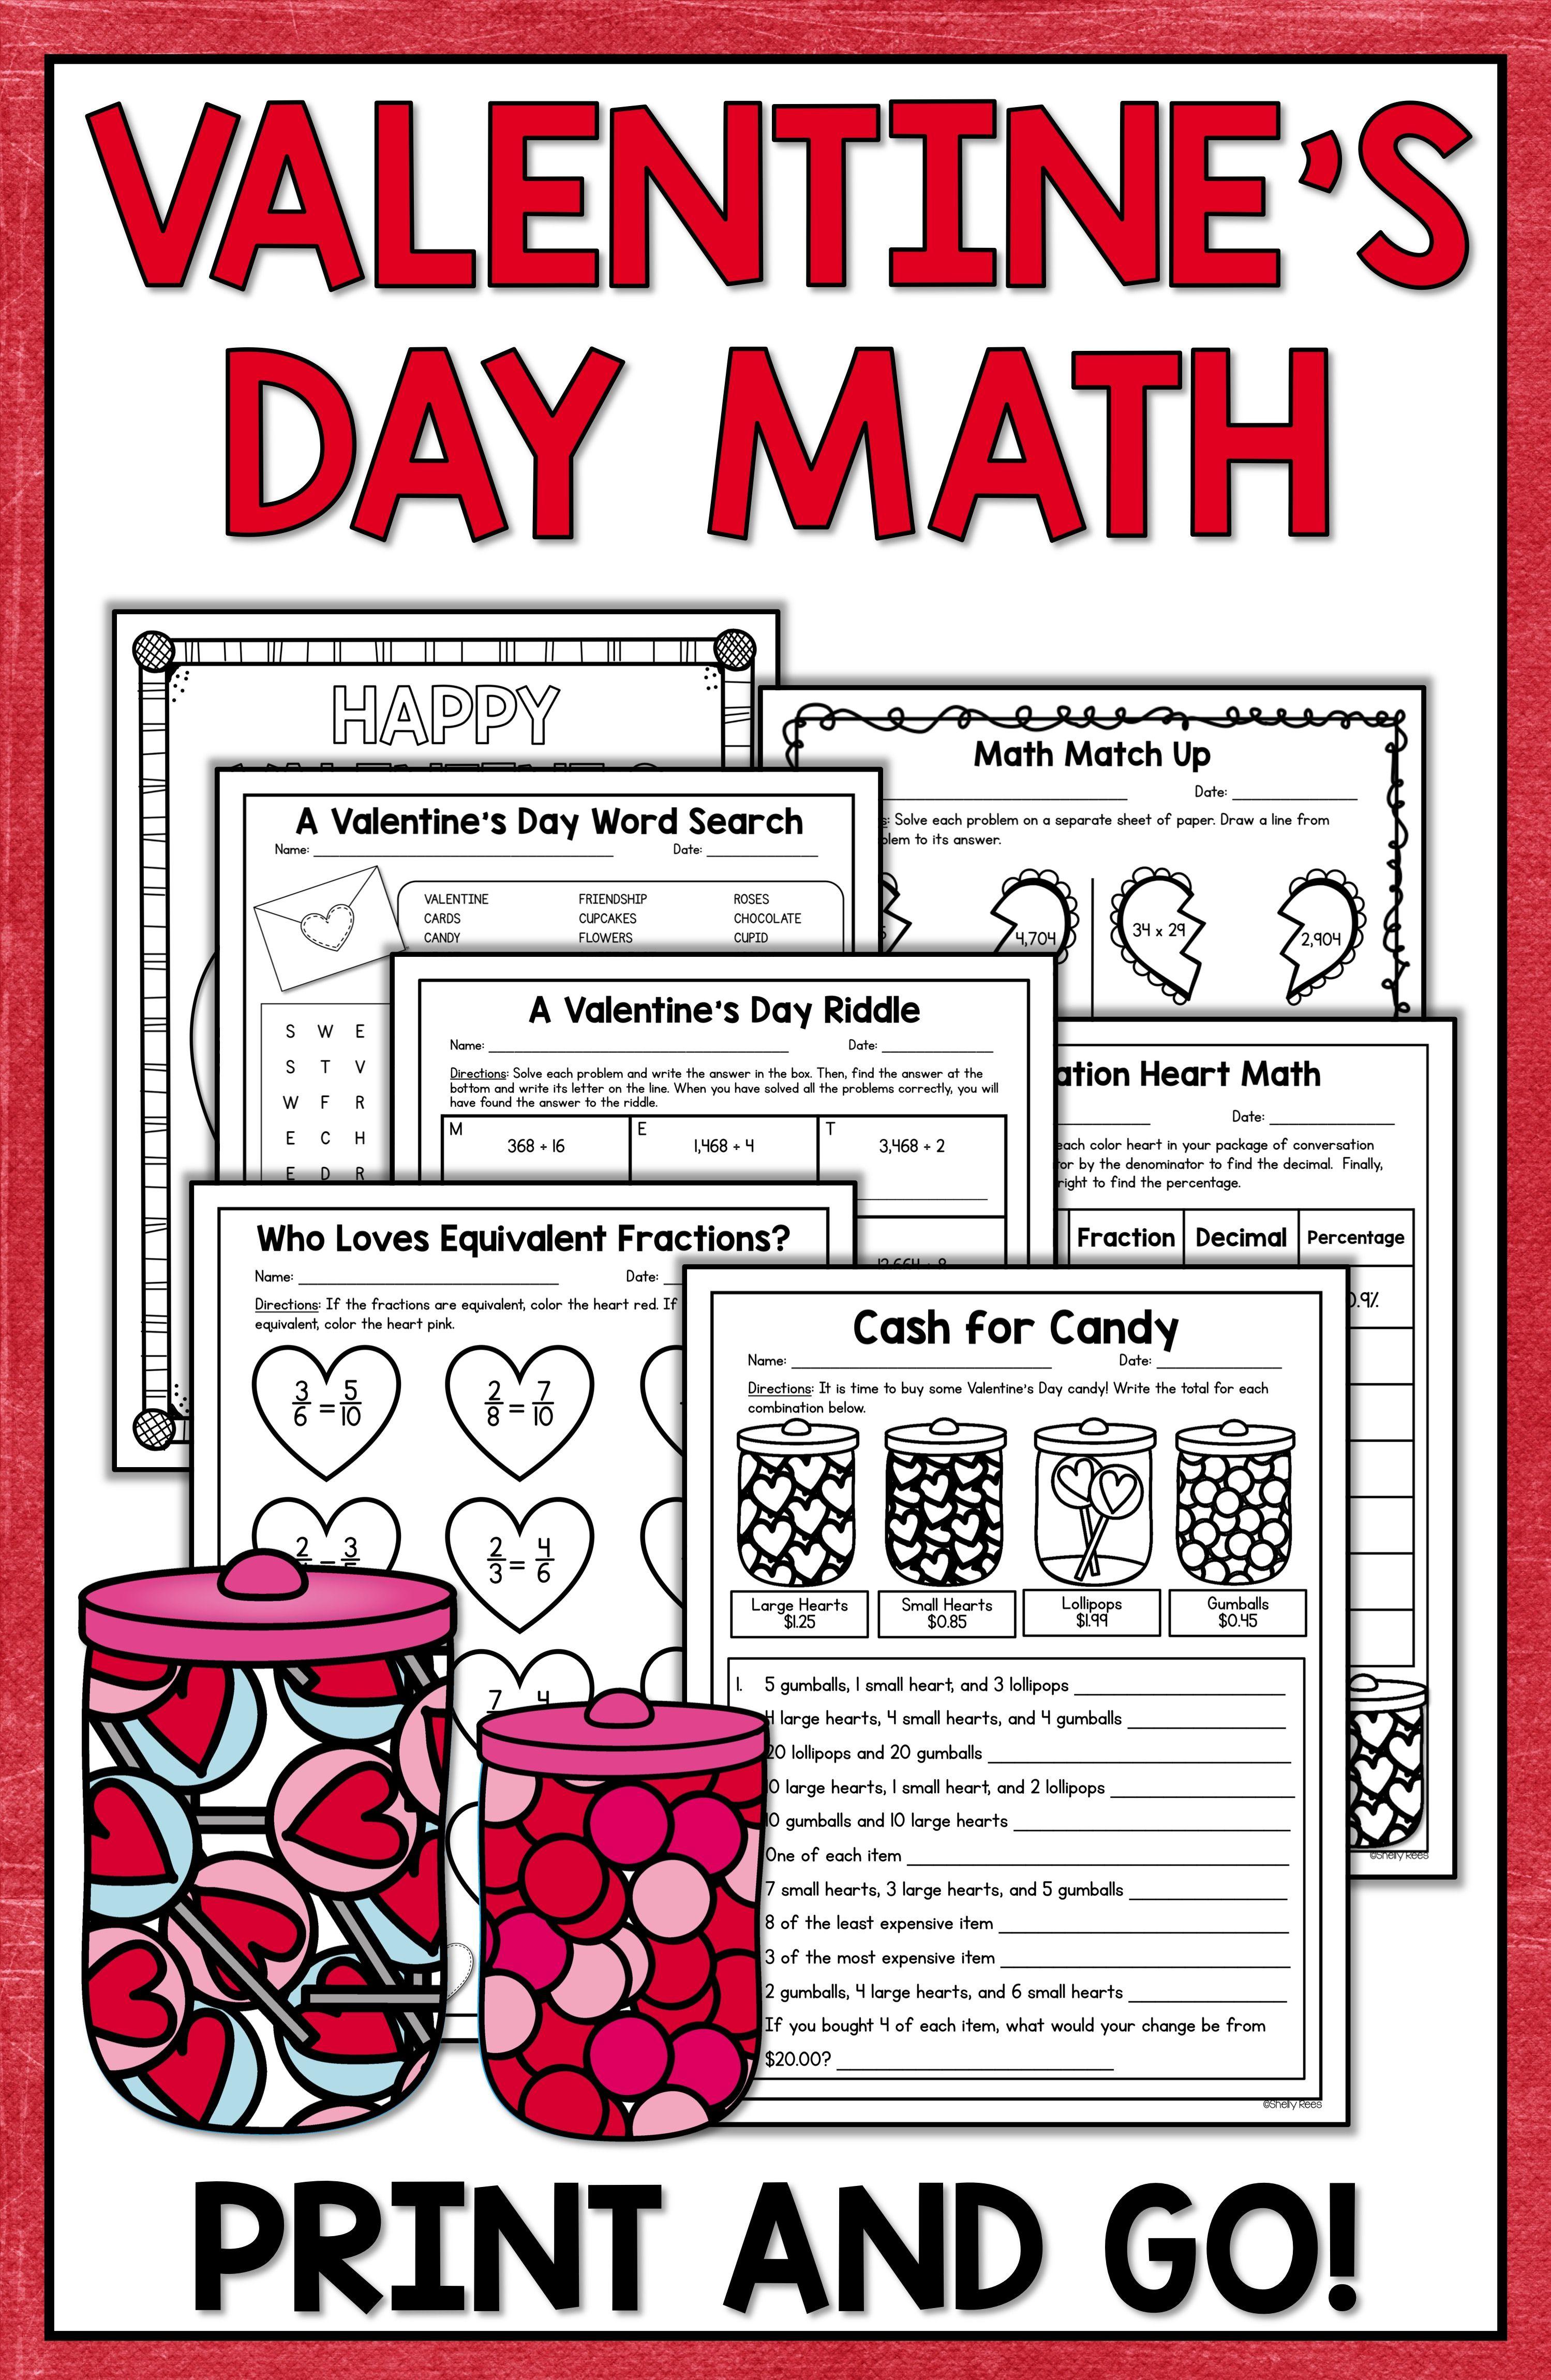 medium resolution of Valentine's Day Math - Valentine's Day Activities   Math valentines